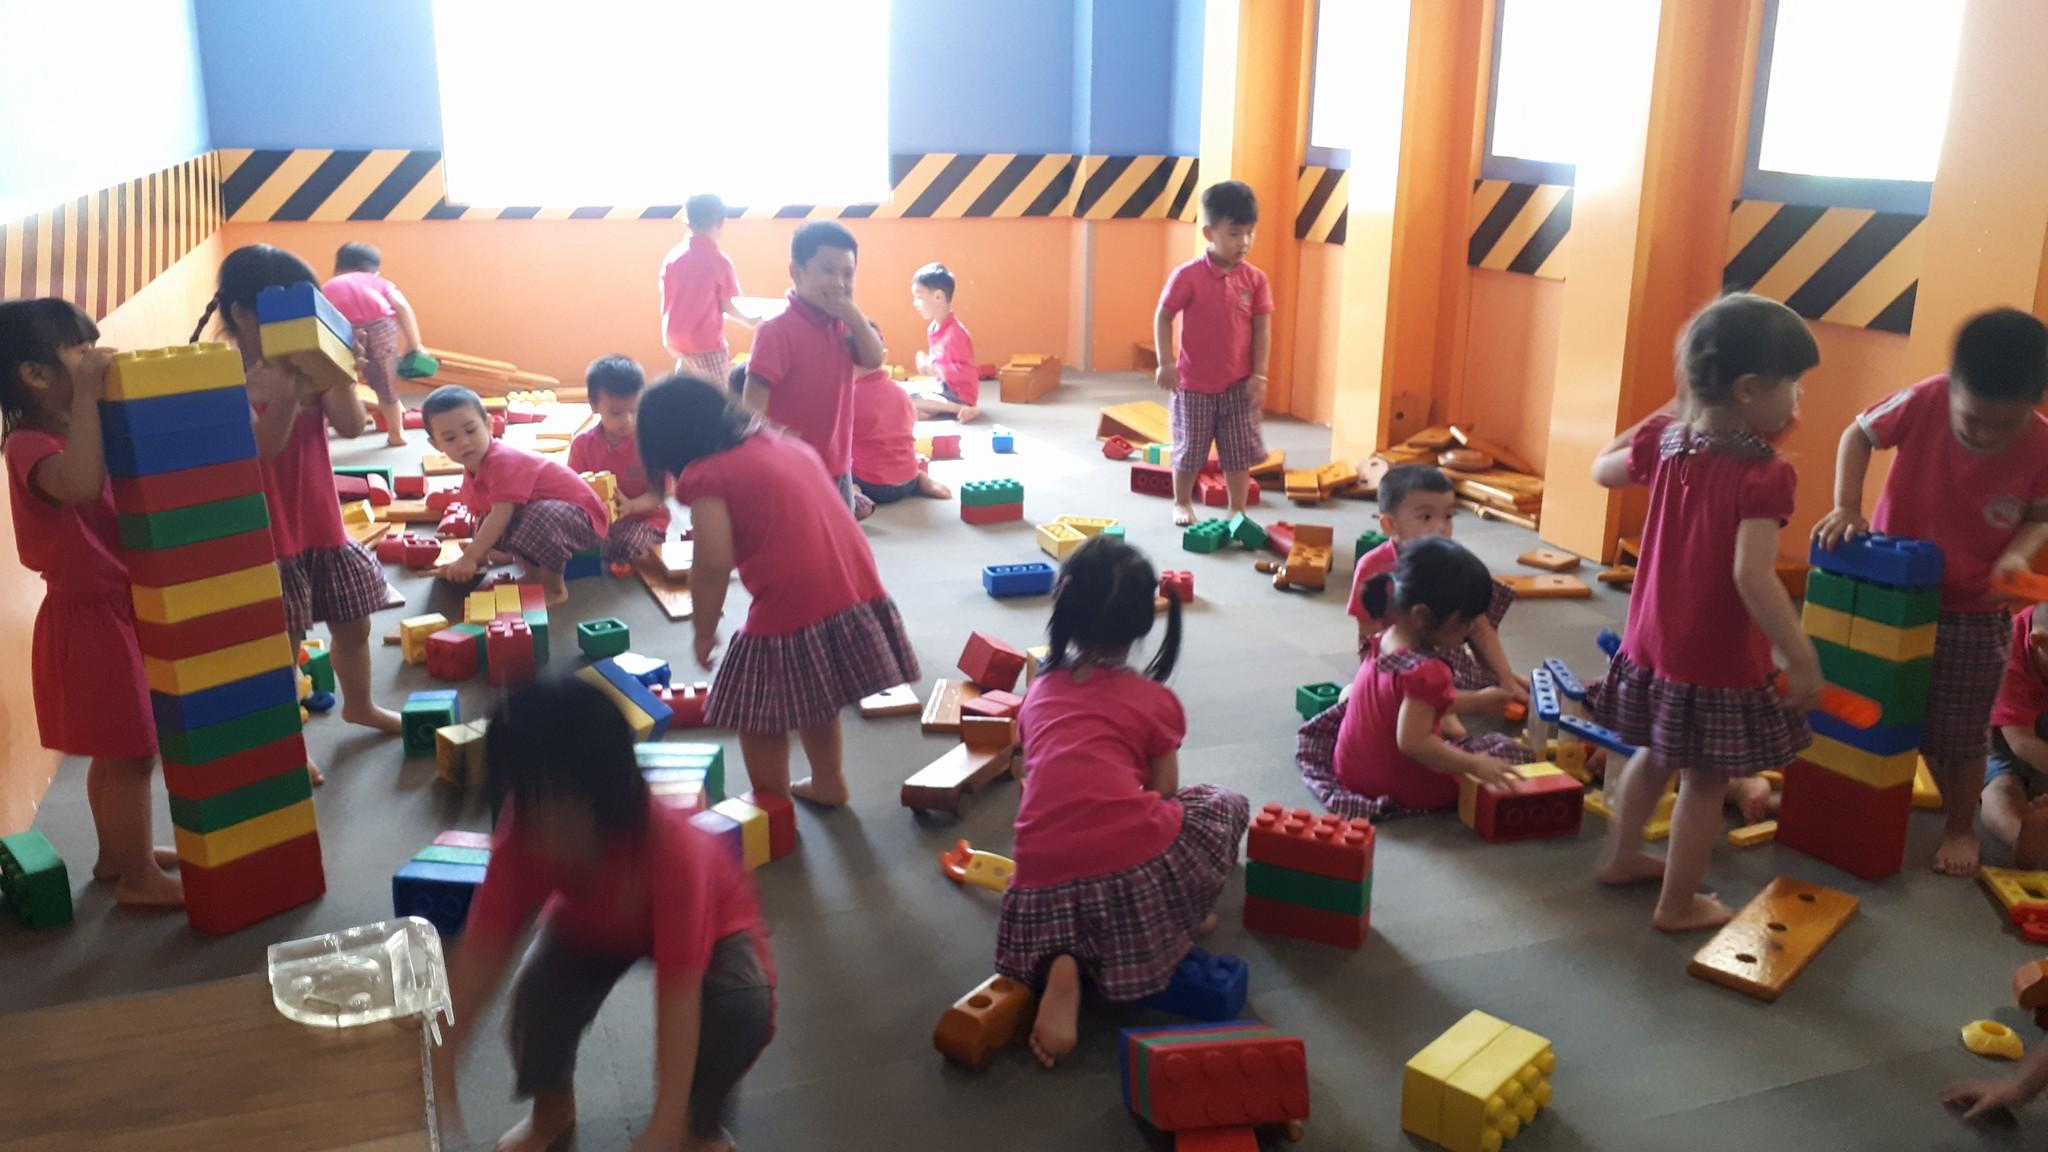 Trường mầm non Thiên Nga - Phan Văn Trị